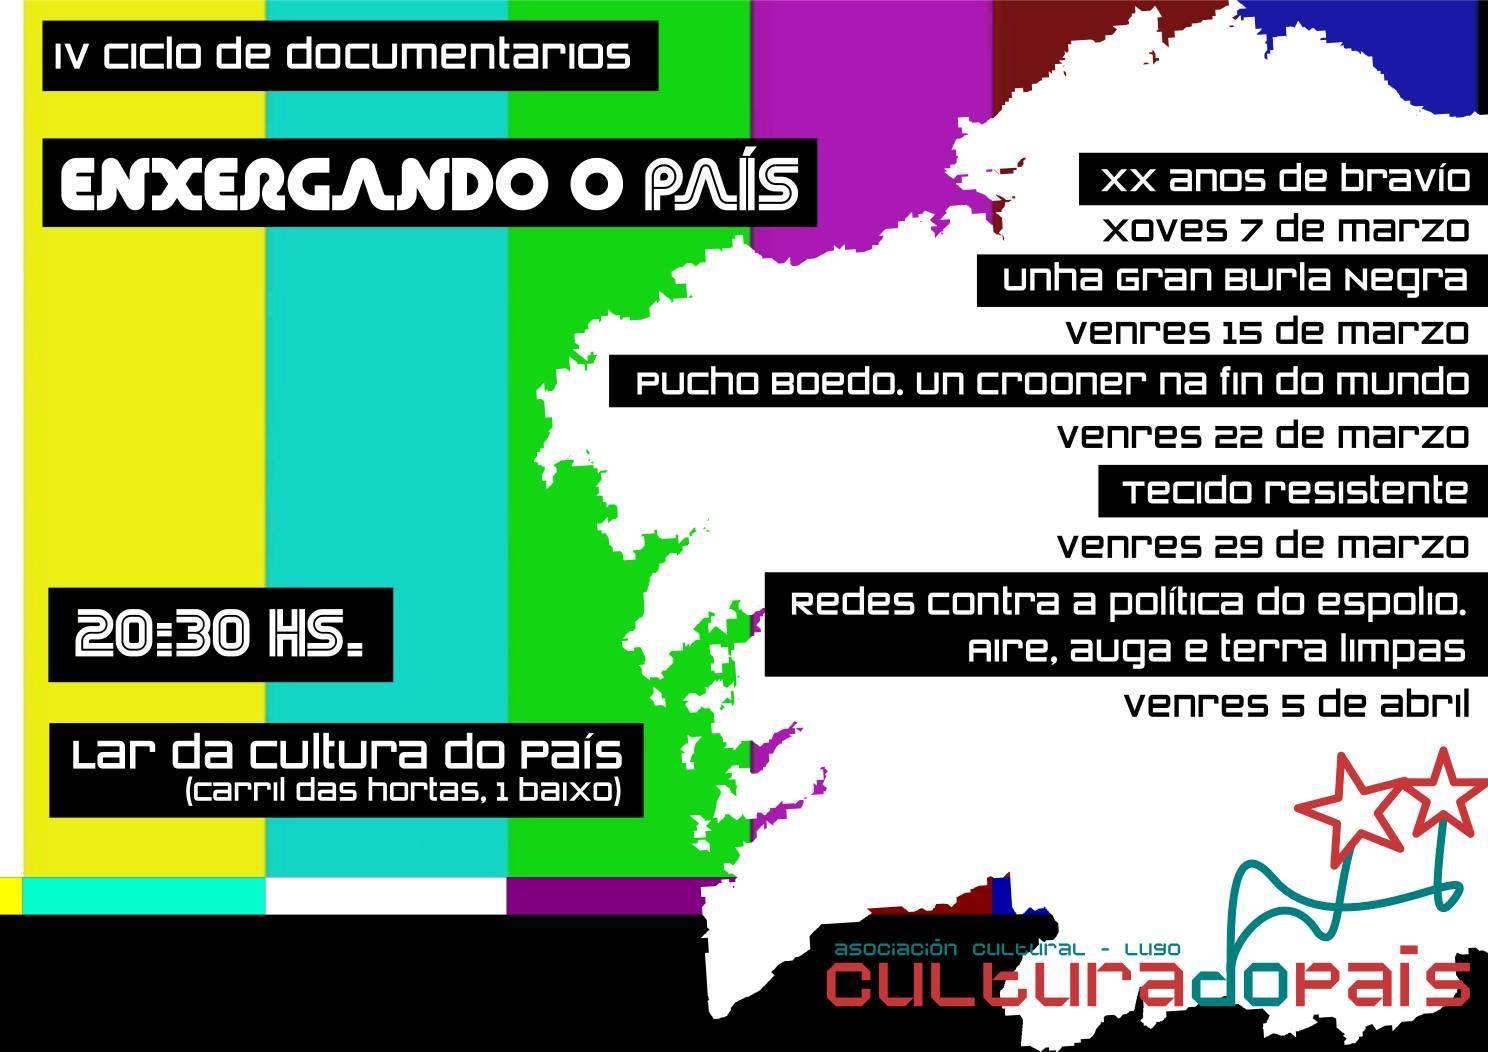 IV ciclo de documentarios 'Enxergando o País'